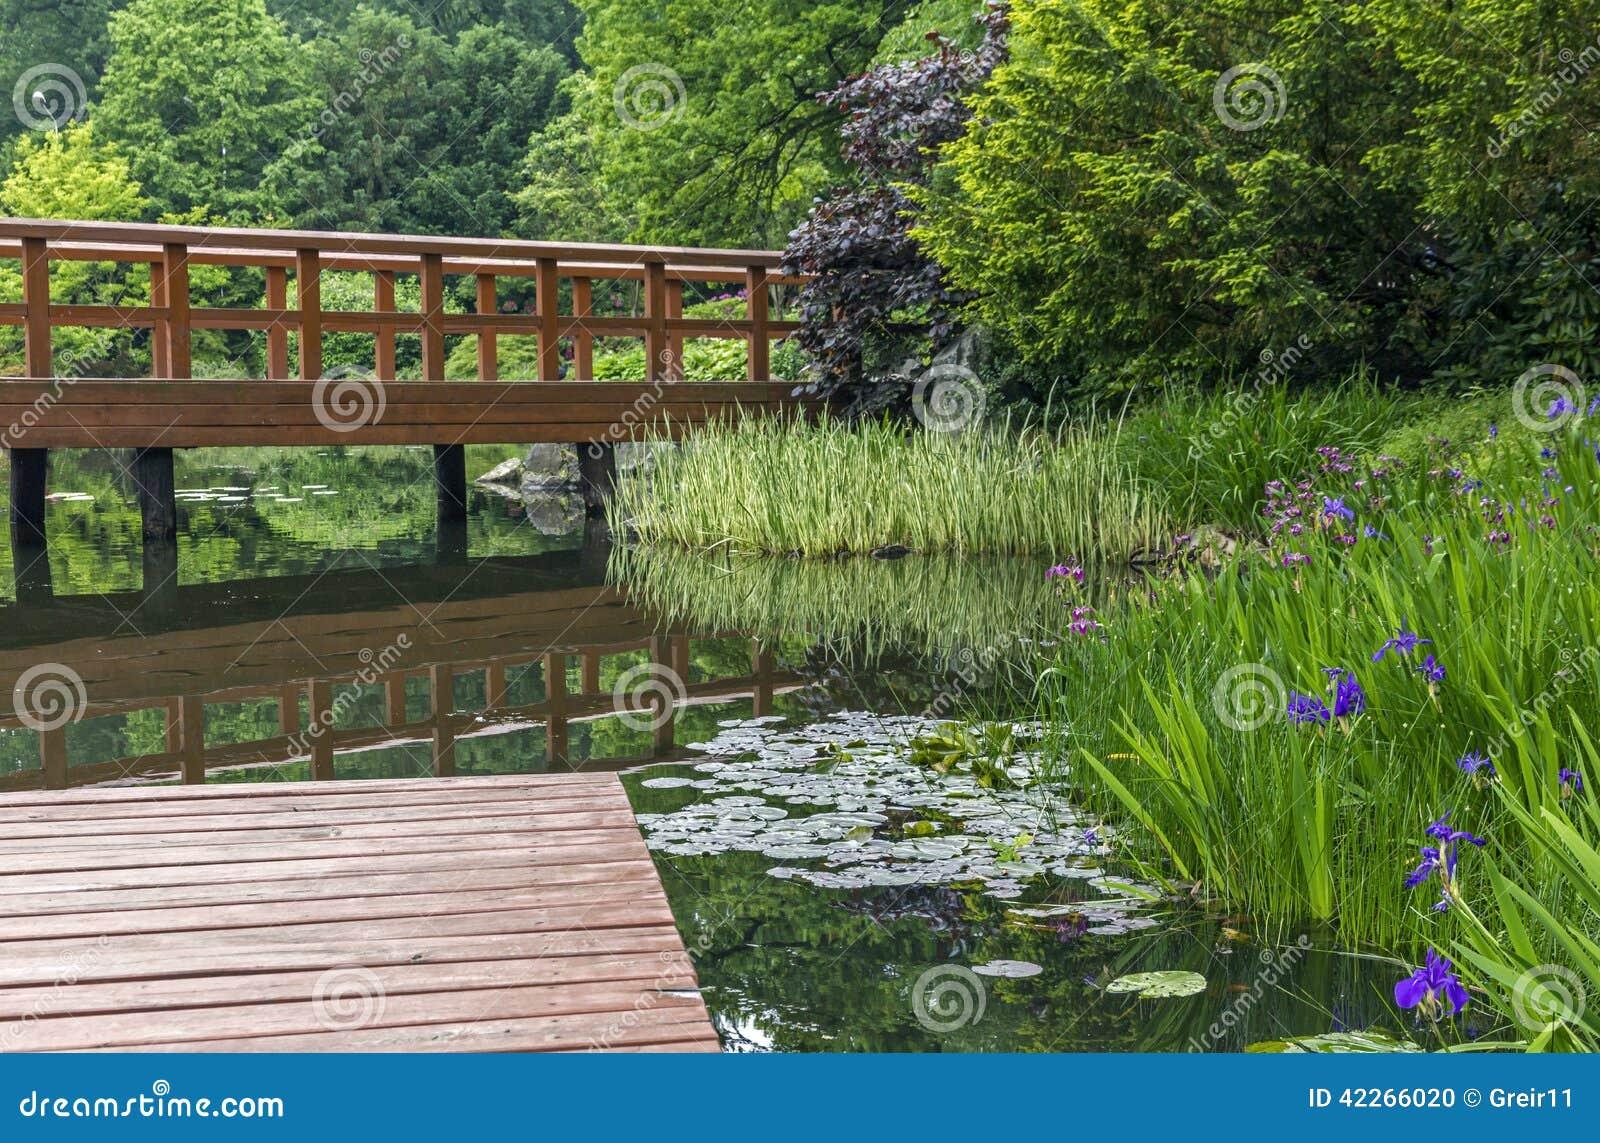 plantas jardim japones:Jardim japonês – cais, ponte japonesa vermelha e estações de